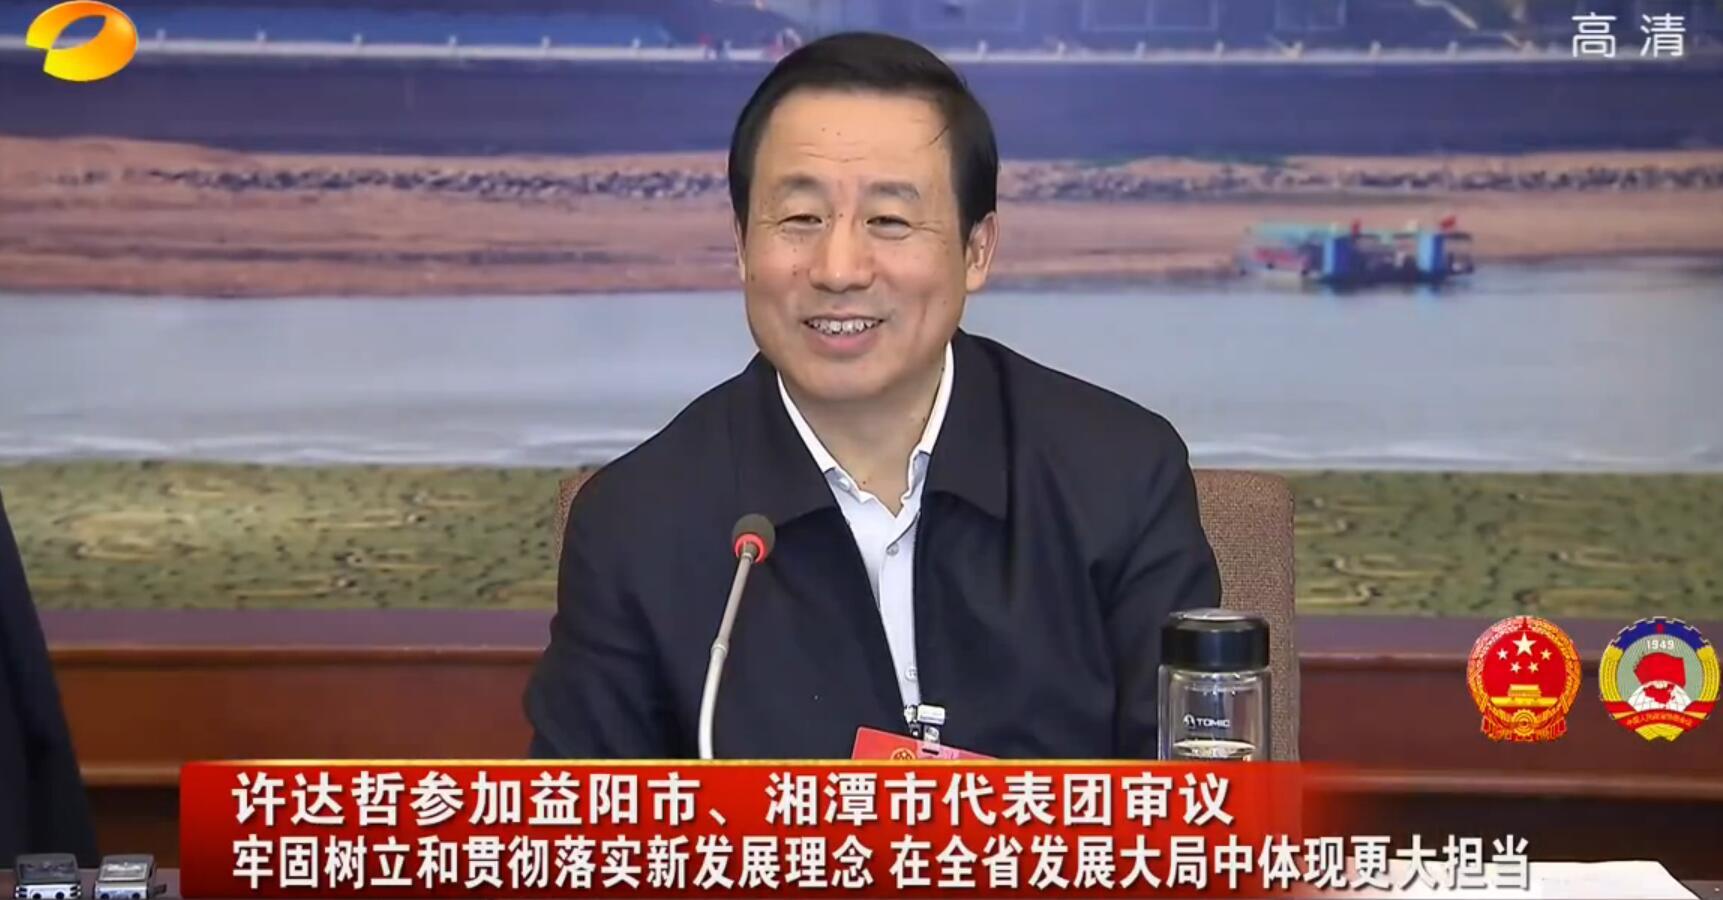 许达哲参加益阳市、湘潭市代表团审议